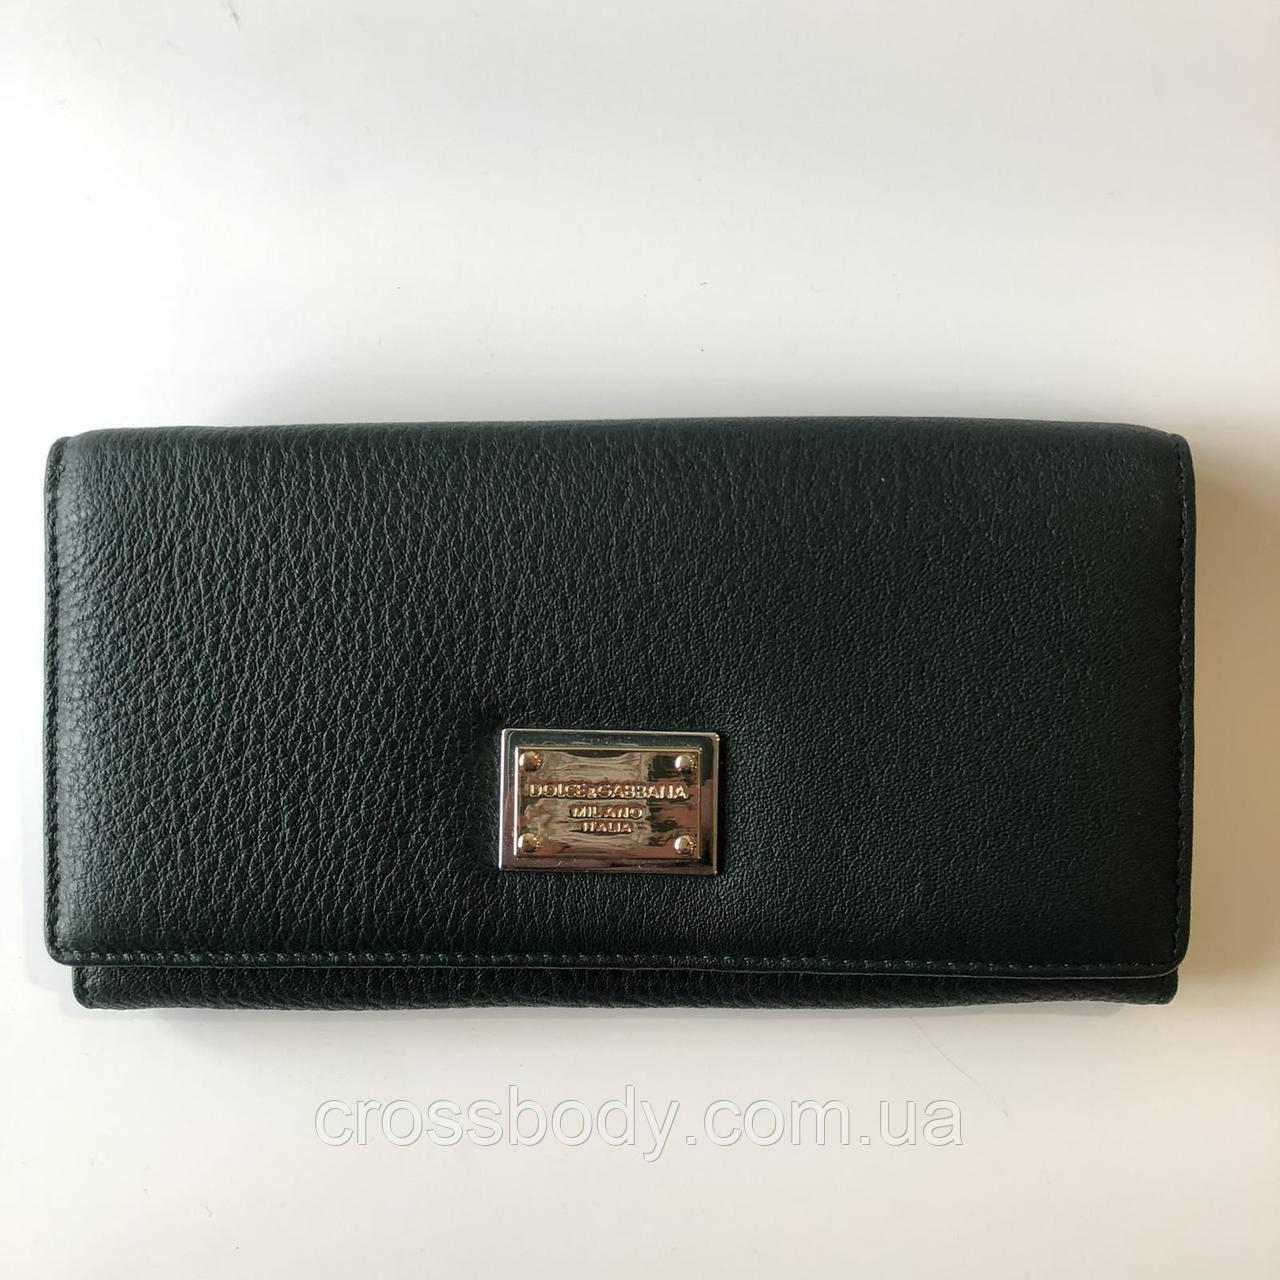 DG Женский кожаный портмоне зеленый